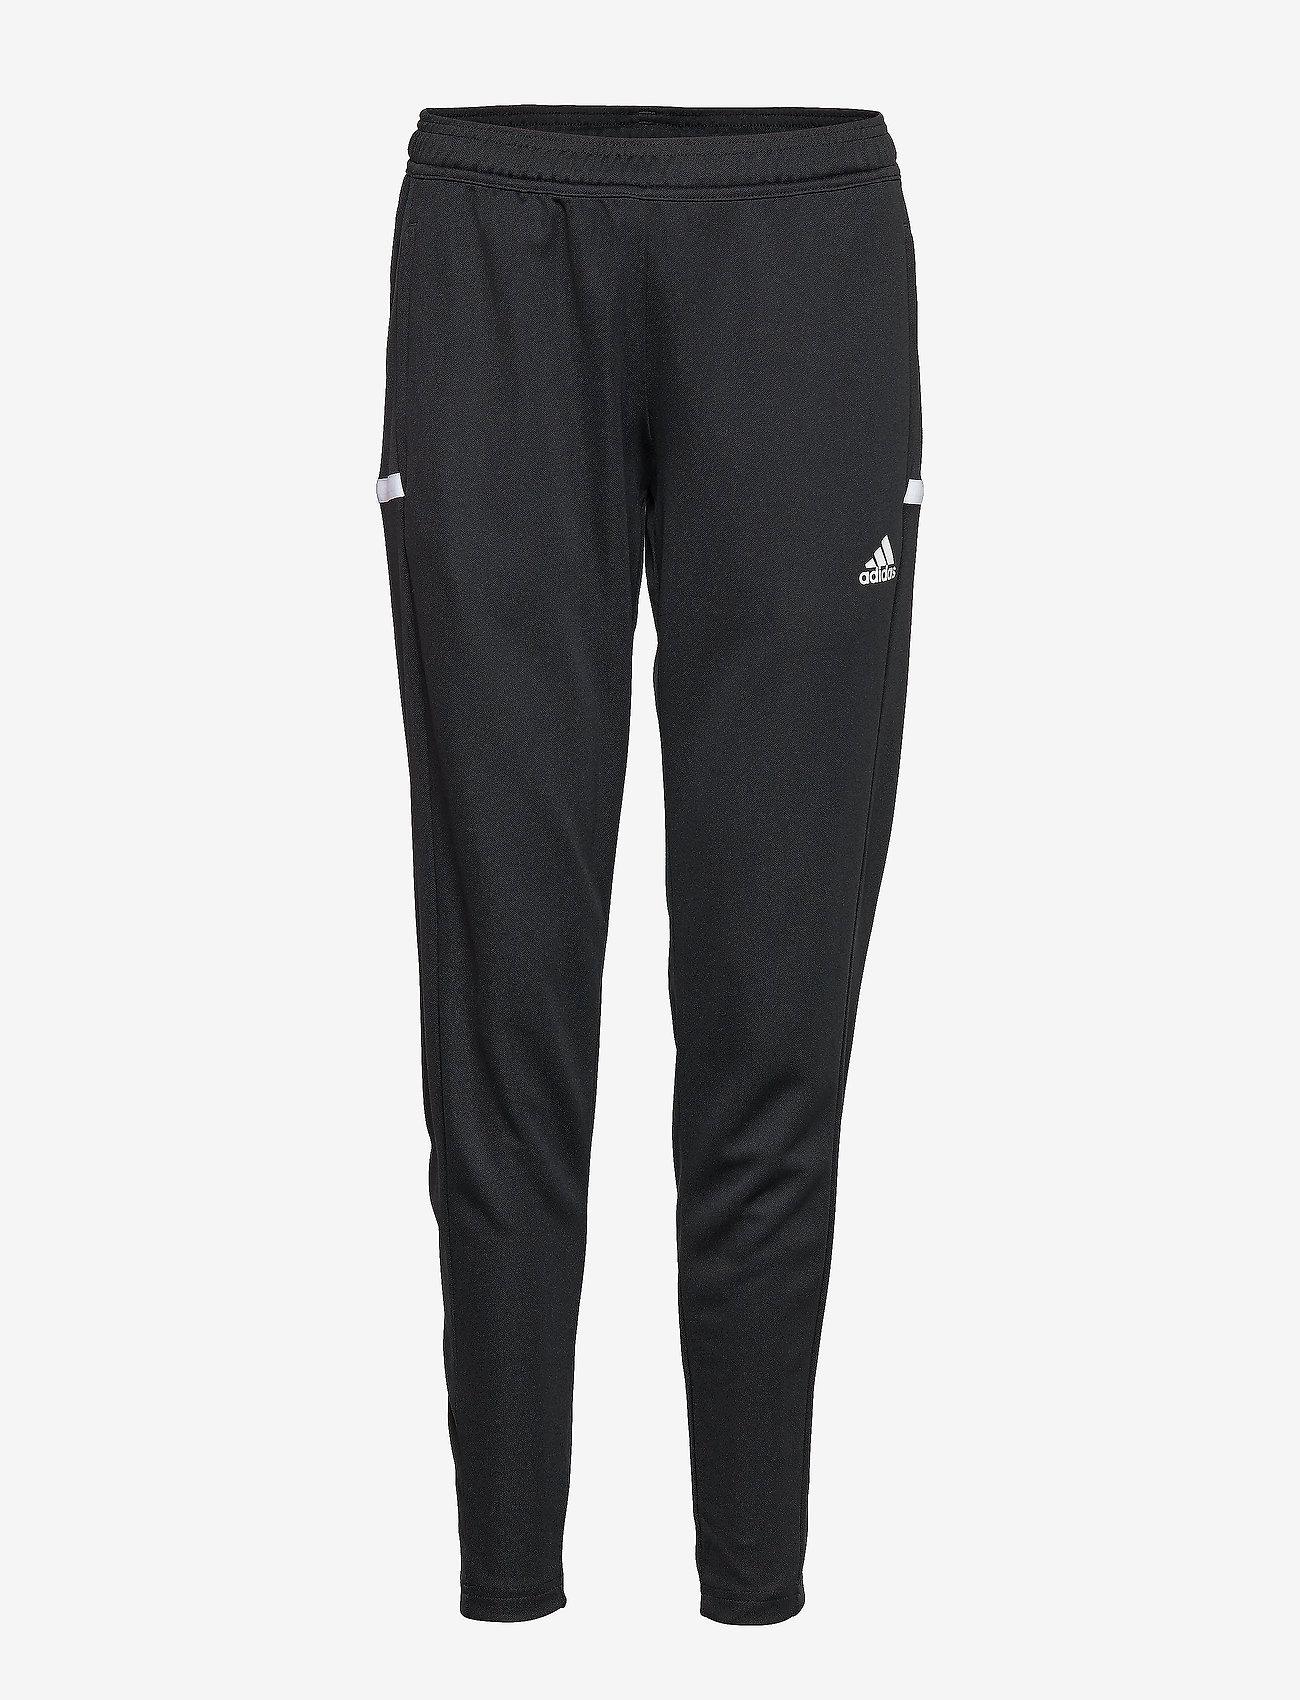 adidas Performance - Team 19 Track Pants W - træningsbukser - black - 1